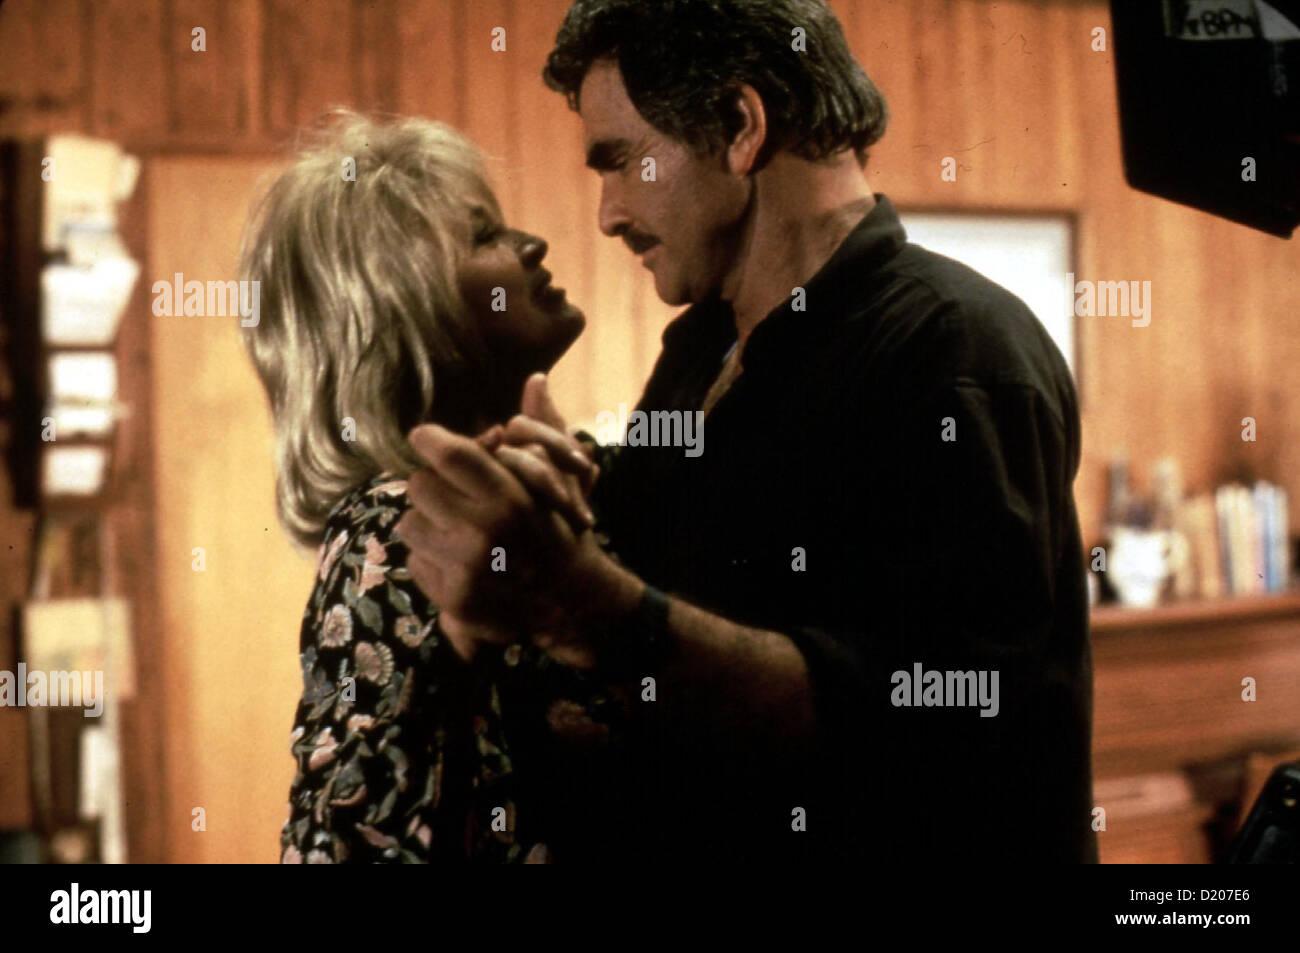 Der Psychopath  Maddening,  Angie Dickinson, Burt Reynolds Zu spaet bemerkt Cassie, dass Roy (Burt Reynolds) und - Stock Image